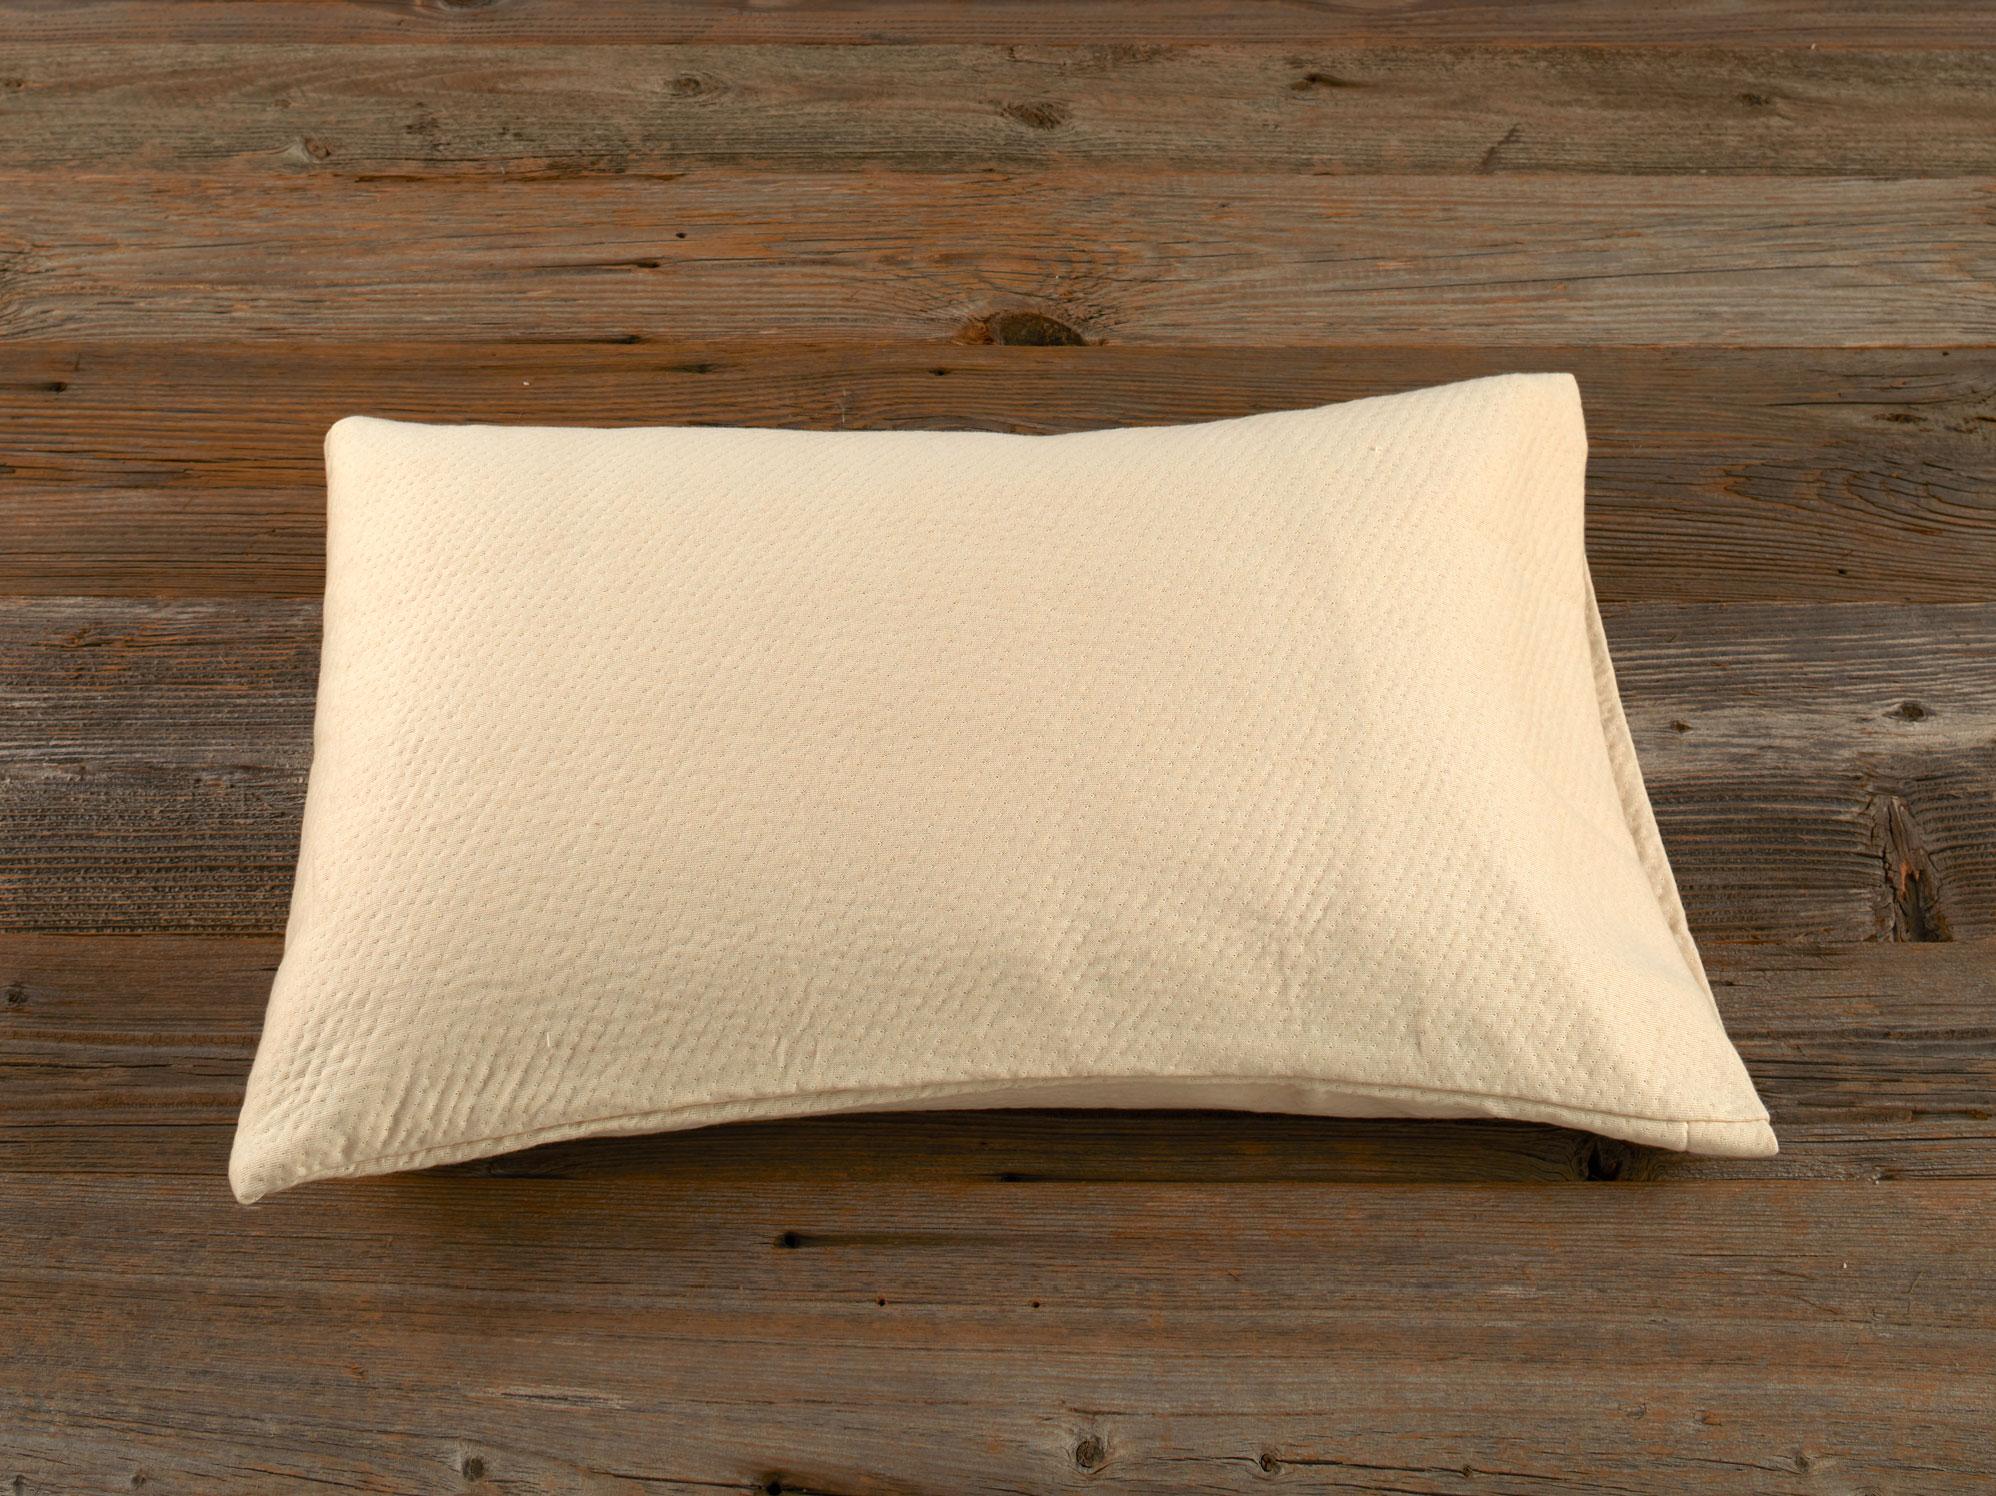 kopfkissen waschen temperatur schlafzimmer dachschr ge wandfarbe bettdecken f llungen test. Black Bedroom Furniture Sets. Home Design Ideas